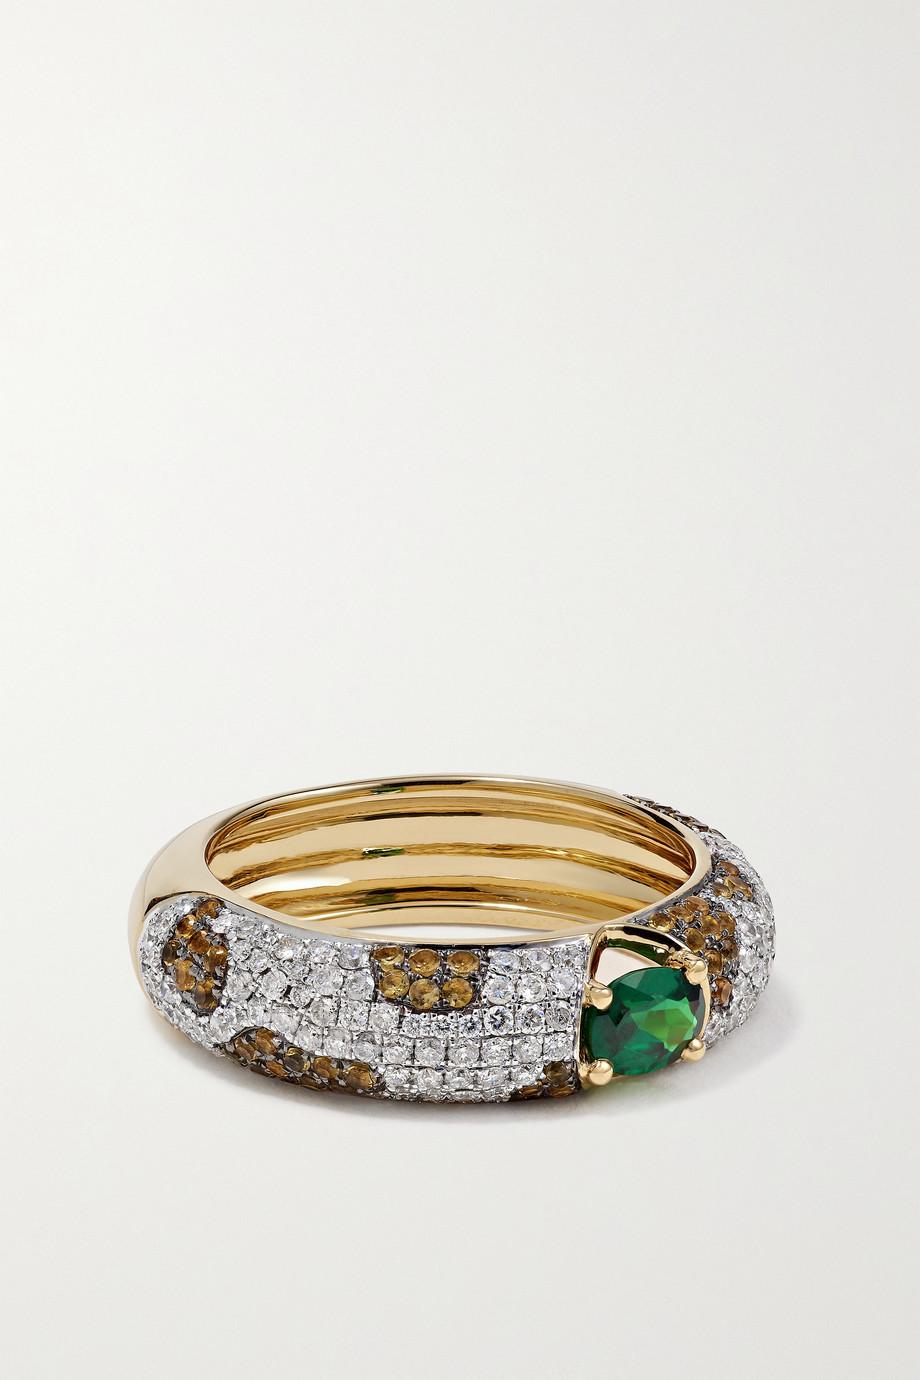 Yvonne Léon 18-karat gold multi-stone ring